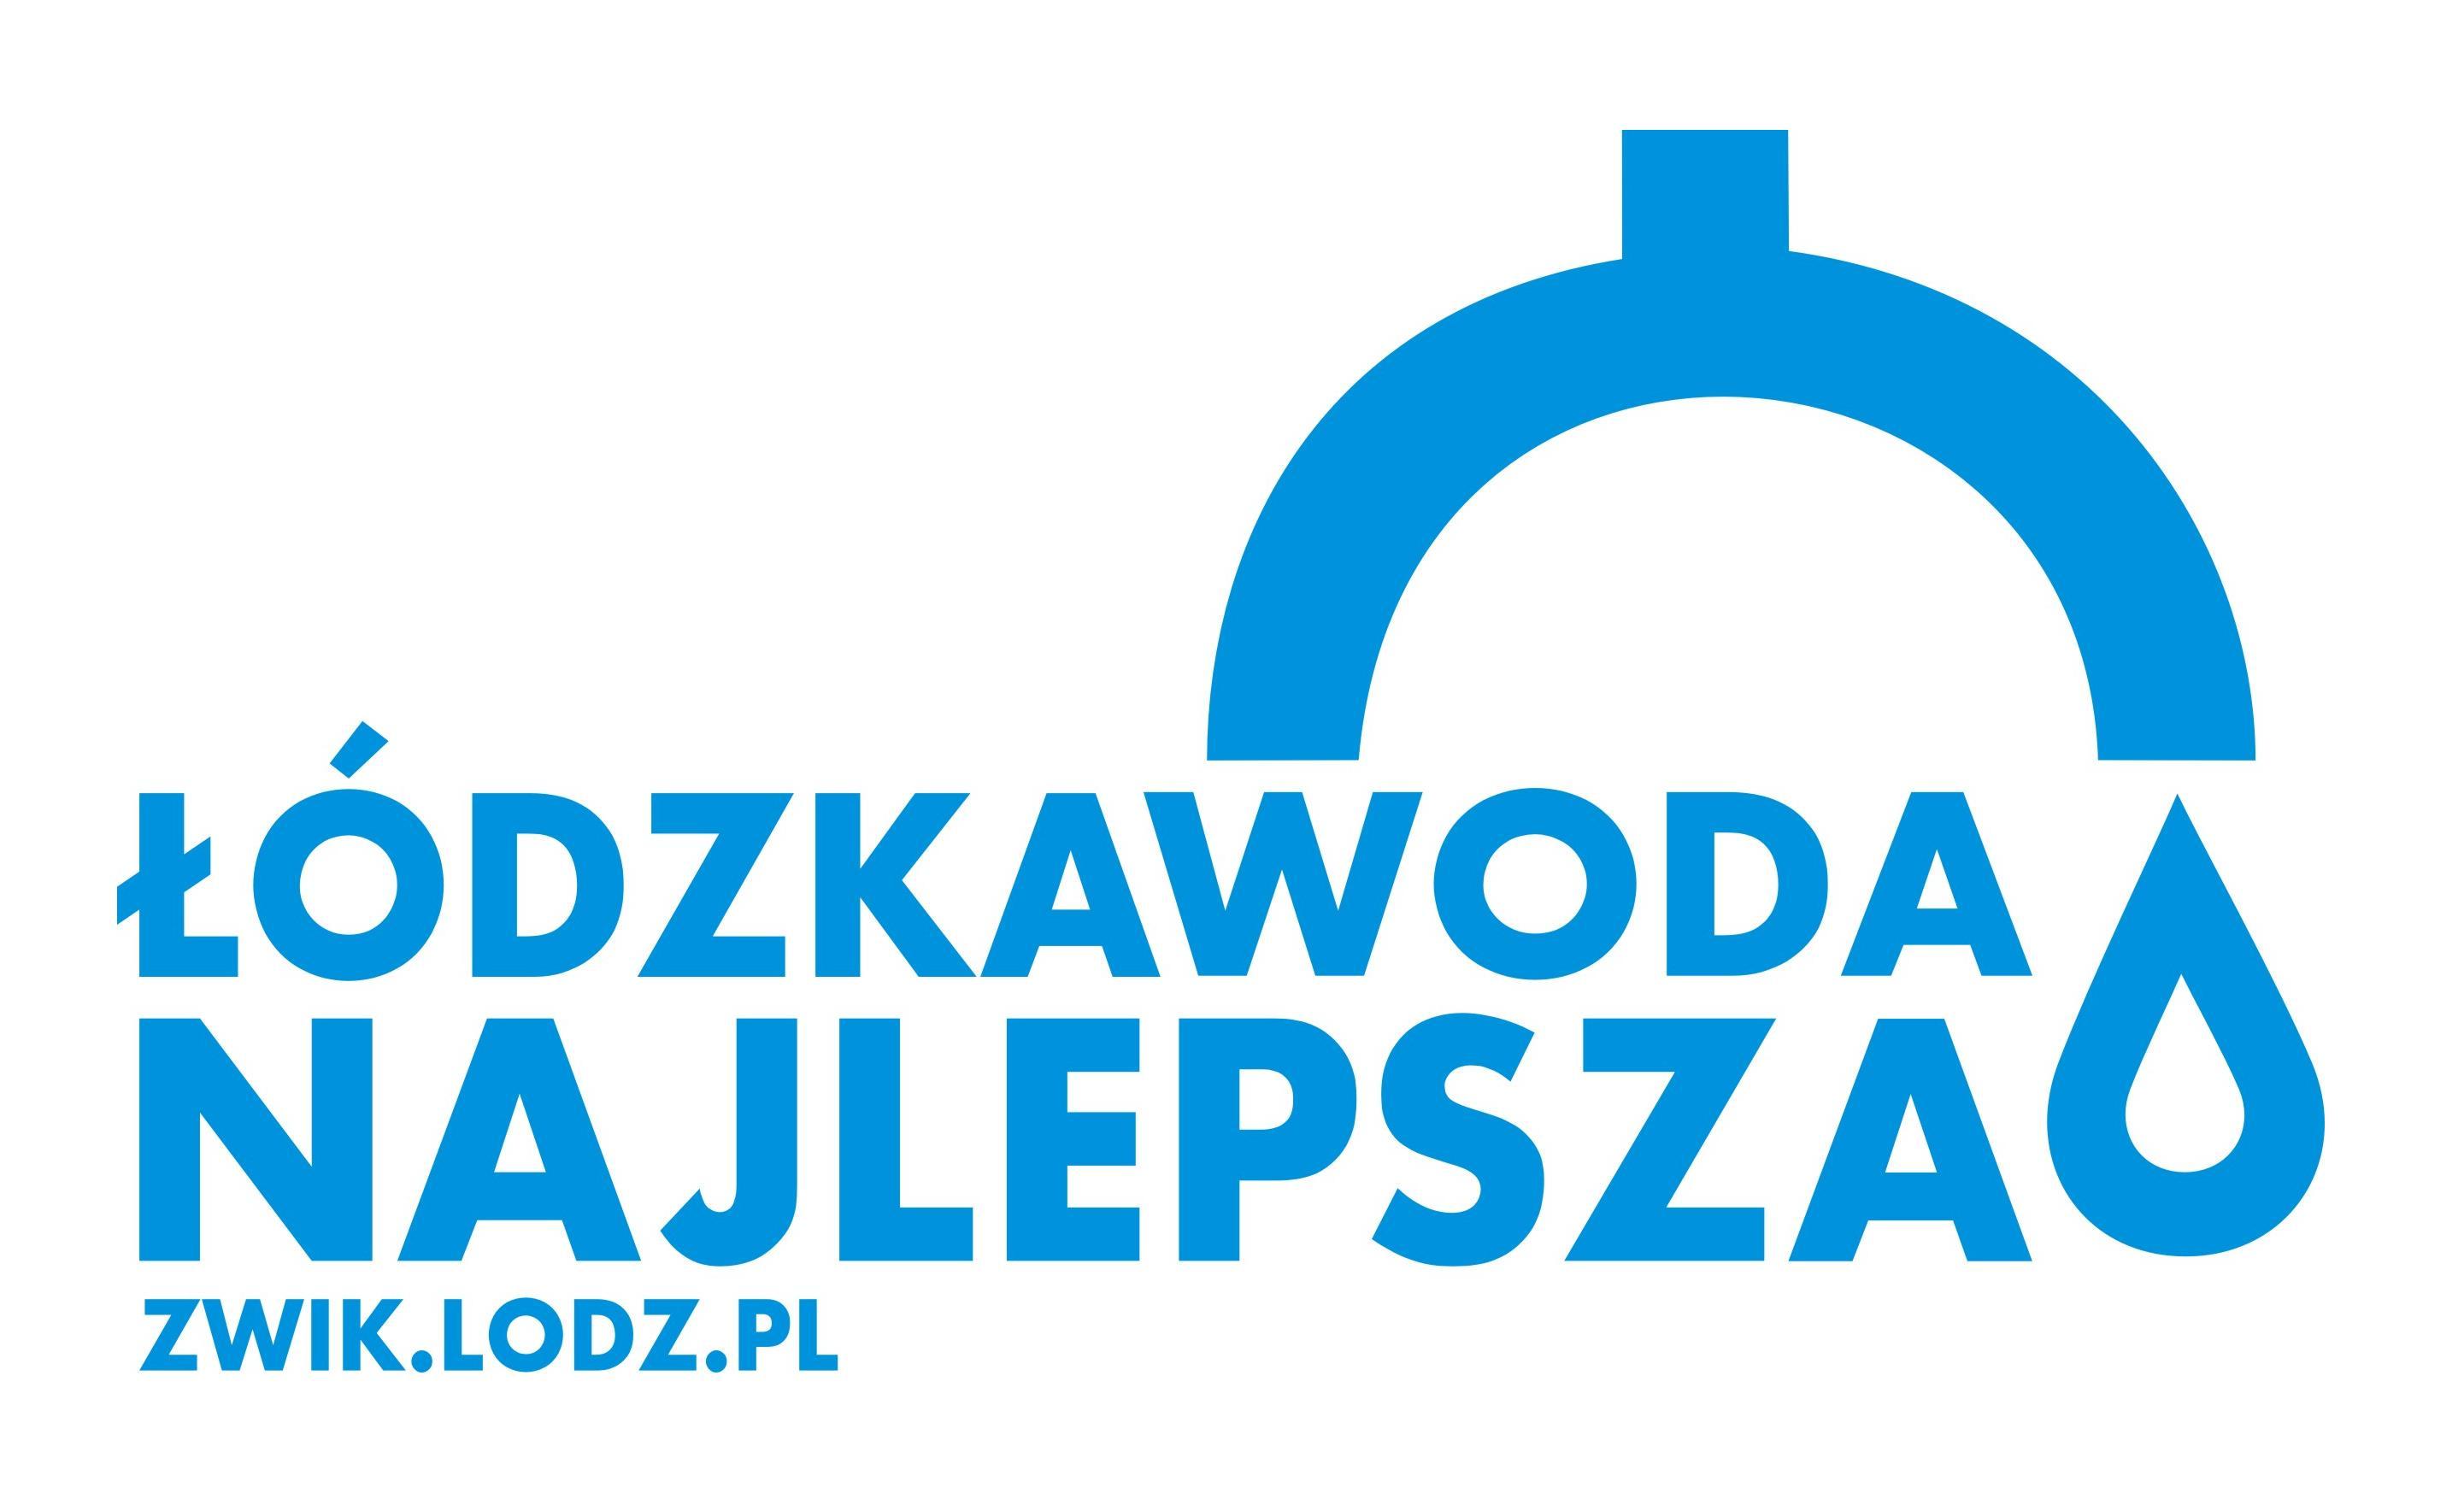 Logo Łódzka Woda Najlepsza w JPG